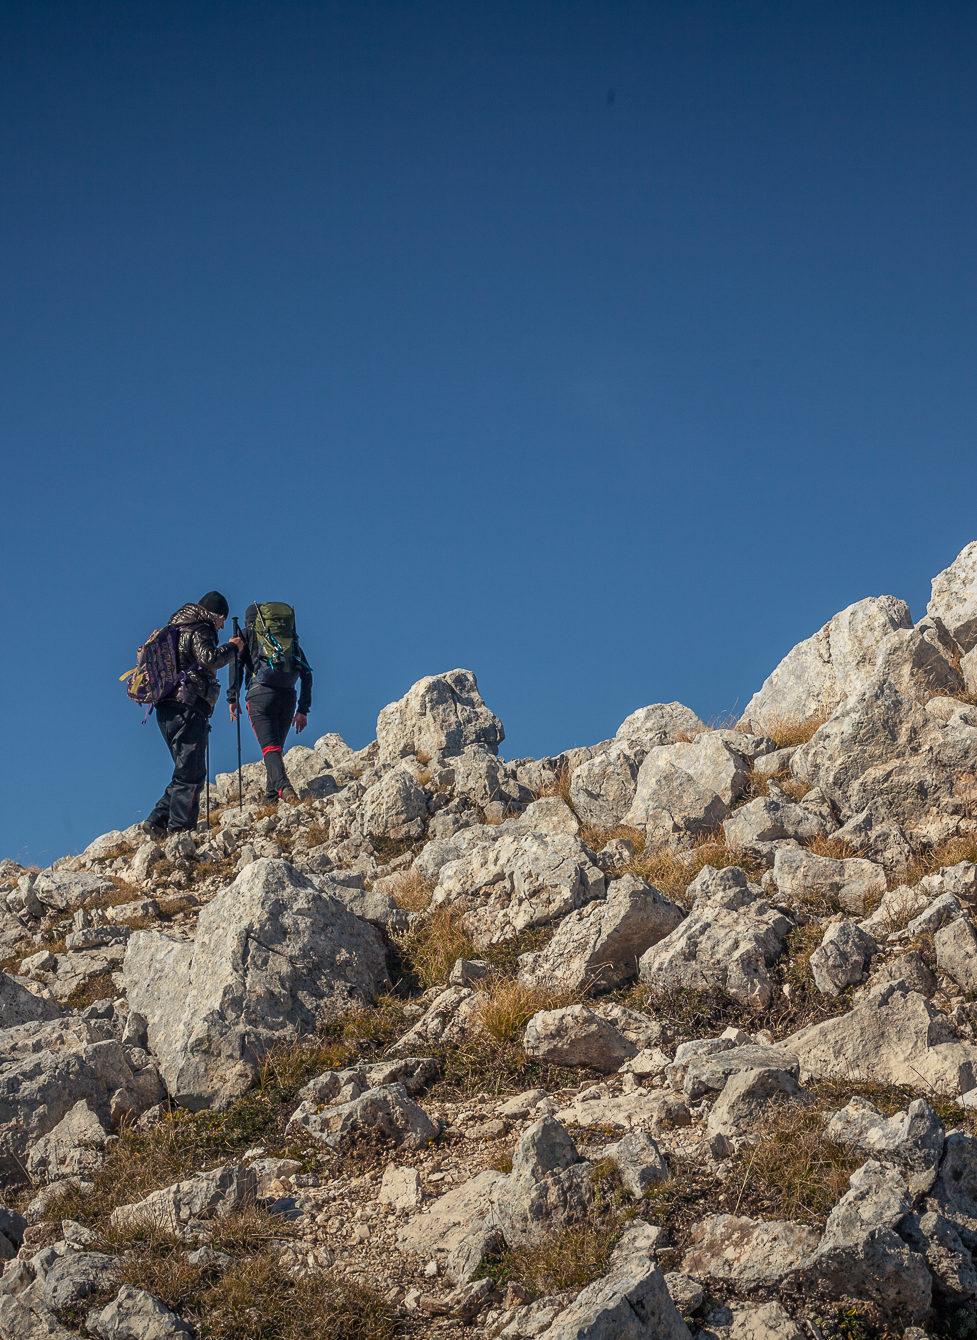 sirente-hikers-adventures